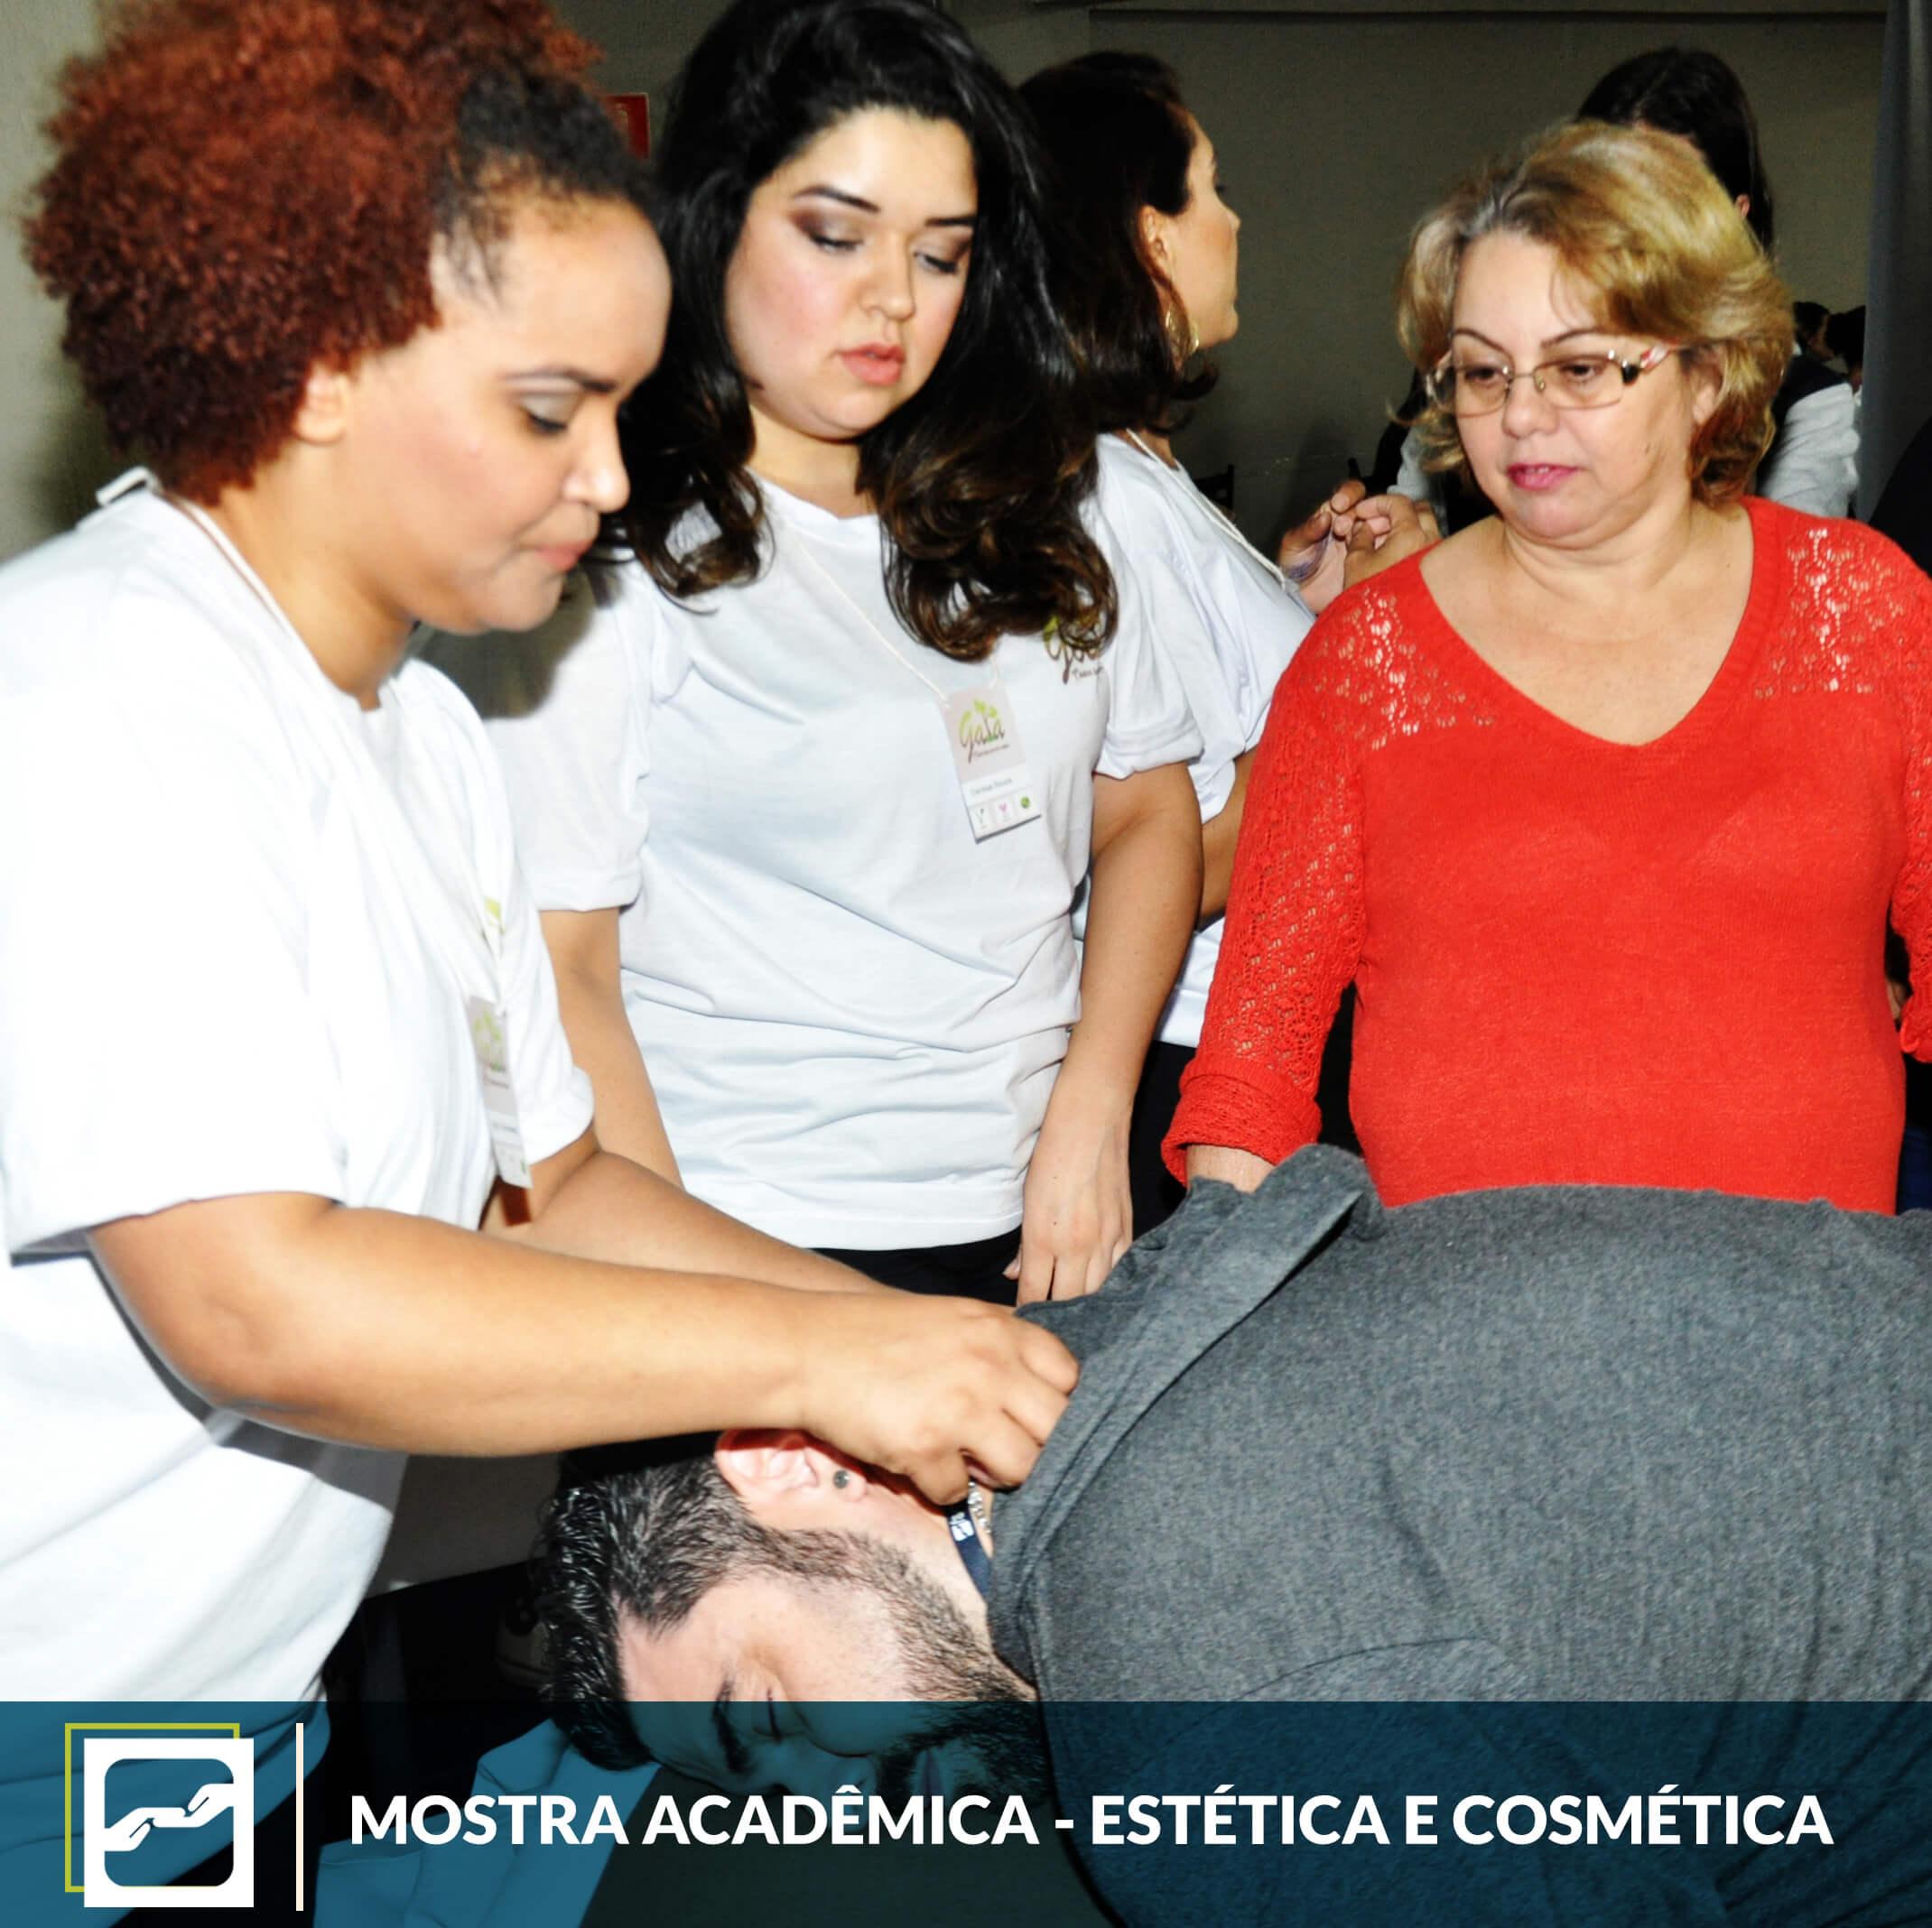 mostra-academia-estetica-cosmetica-famesp-31